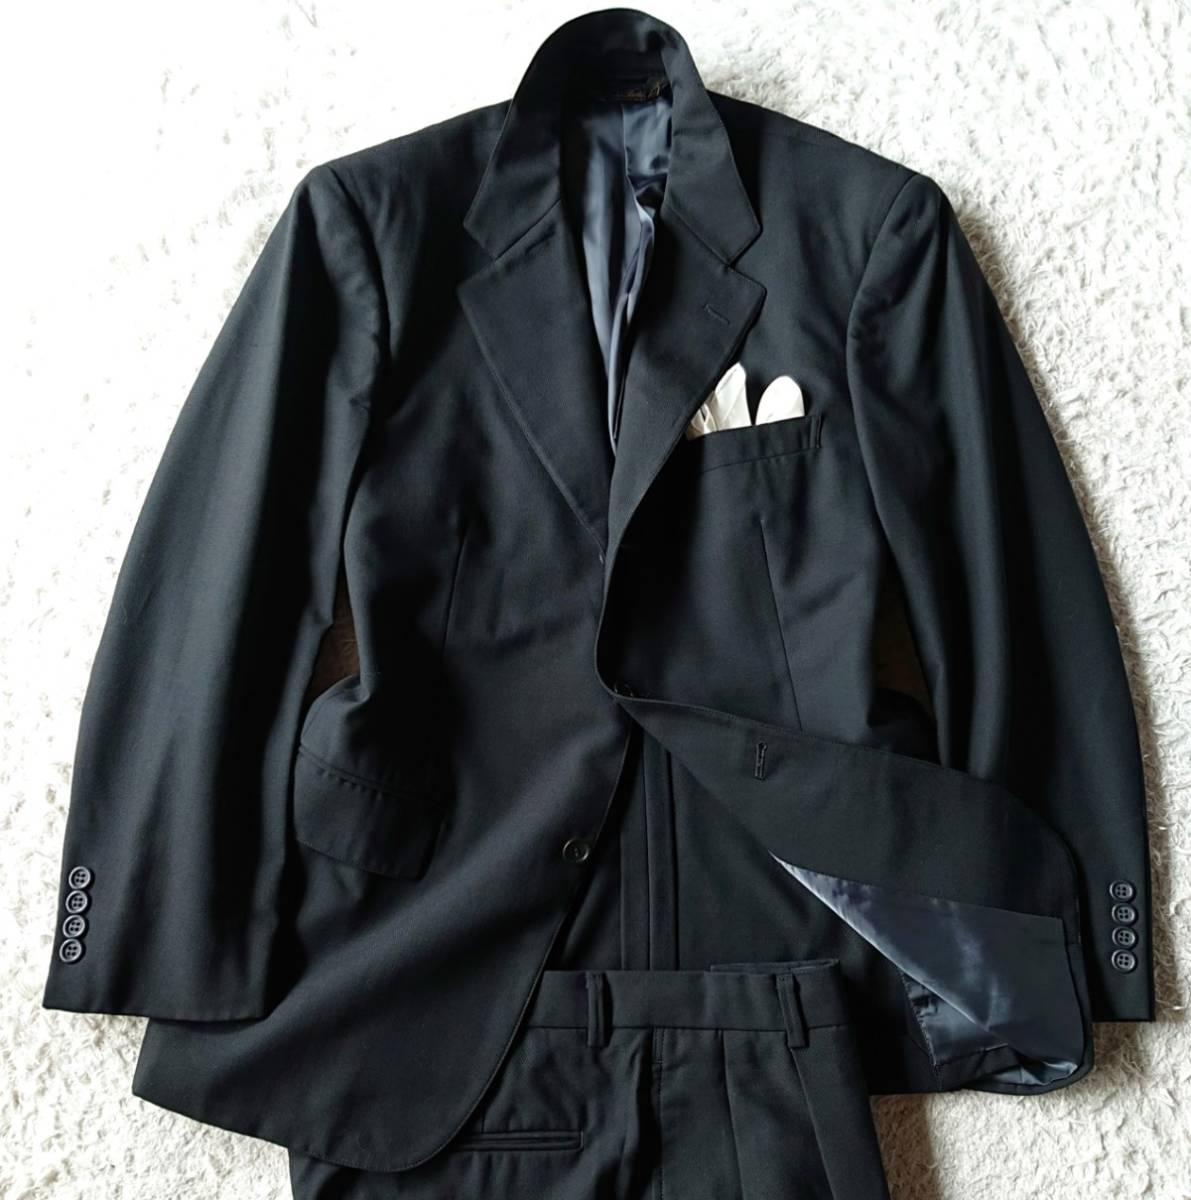 高級ピュアニューウール100% 日本製 予備パンツ付き★ ブルックス ブラザーズ スーツ セットアップ メンズ ブラック 黒 ビジネス 背抜き